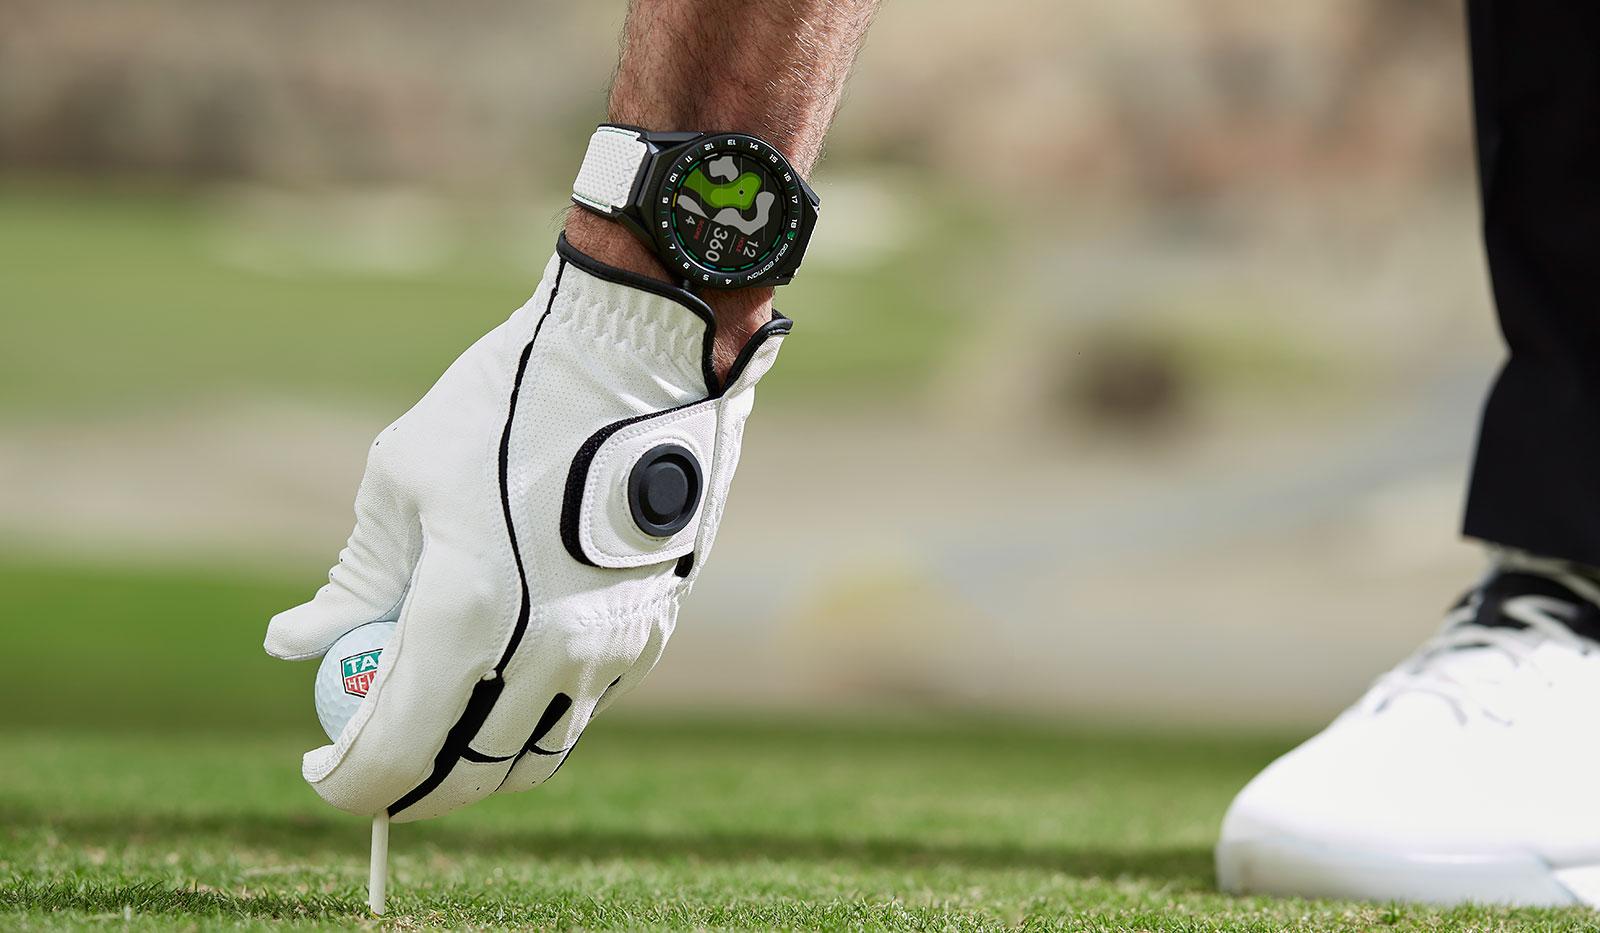 Golfer platziert Golfball auf Tee und trägt eine TAG Heuer Connected Modular 45 Golf Edition Smartwatch